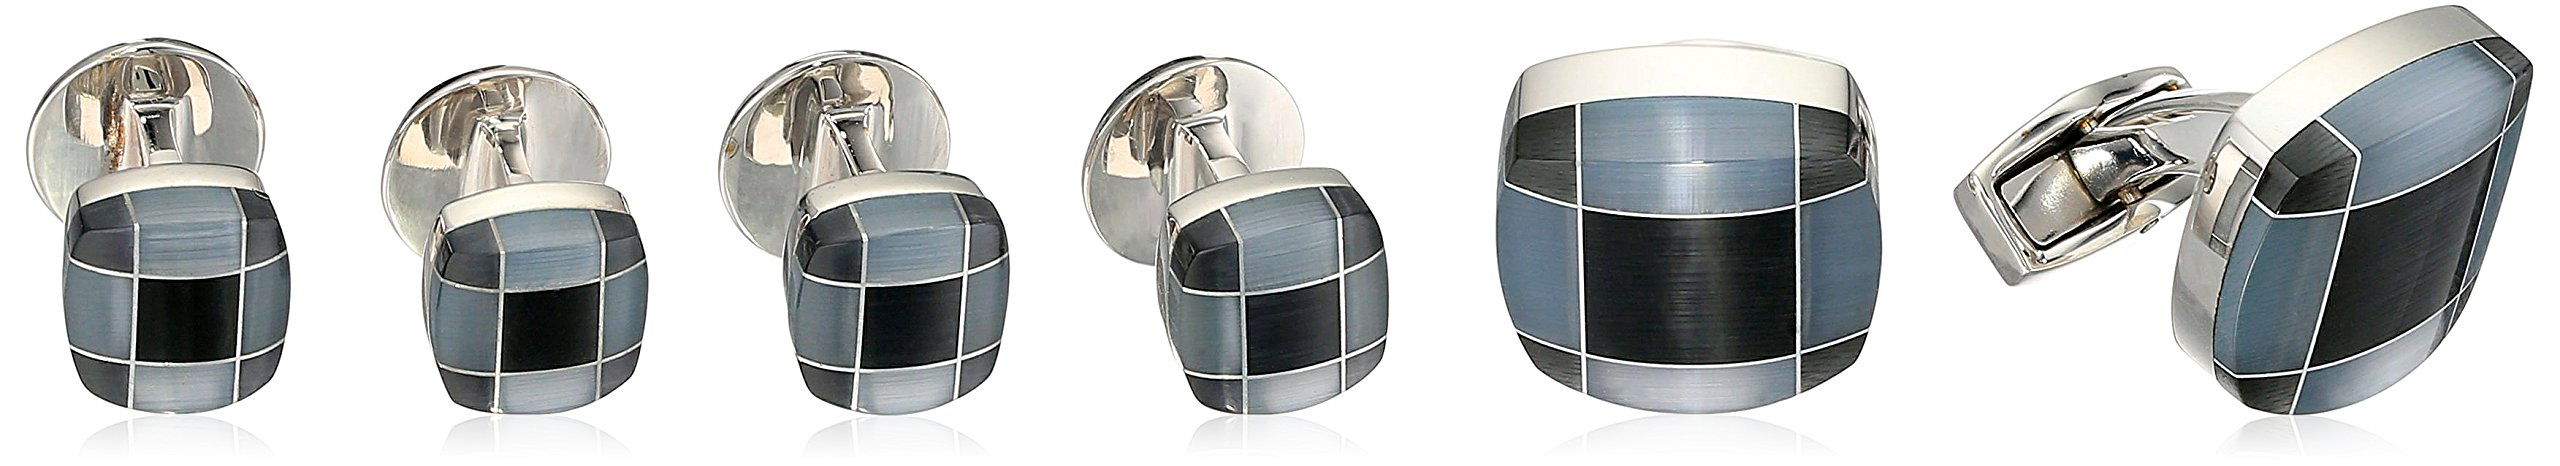 Tateossian Rhodium Fiber Optic Glass Black Square Tarton Fusion Cuff Shirt Stud